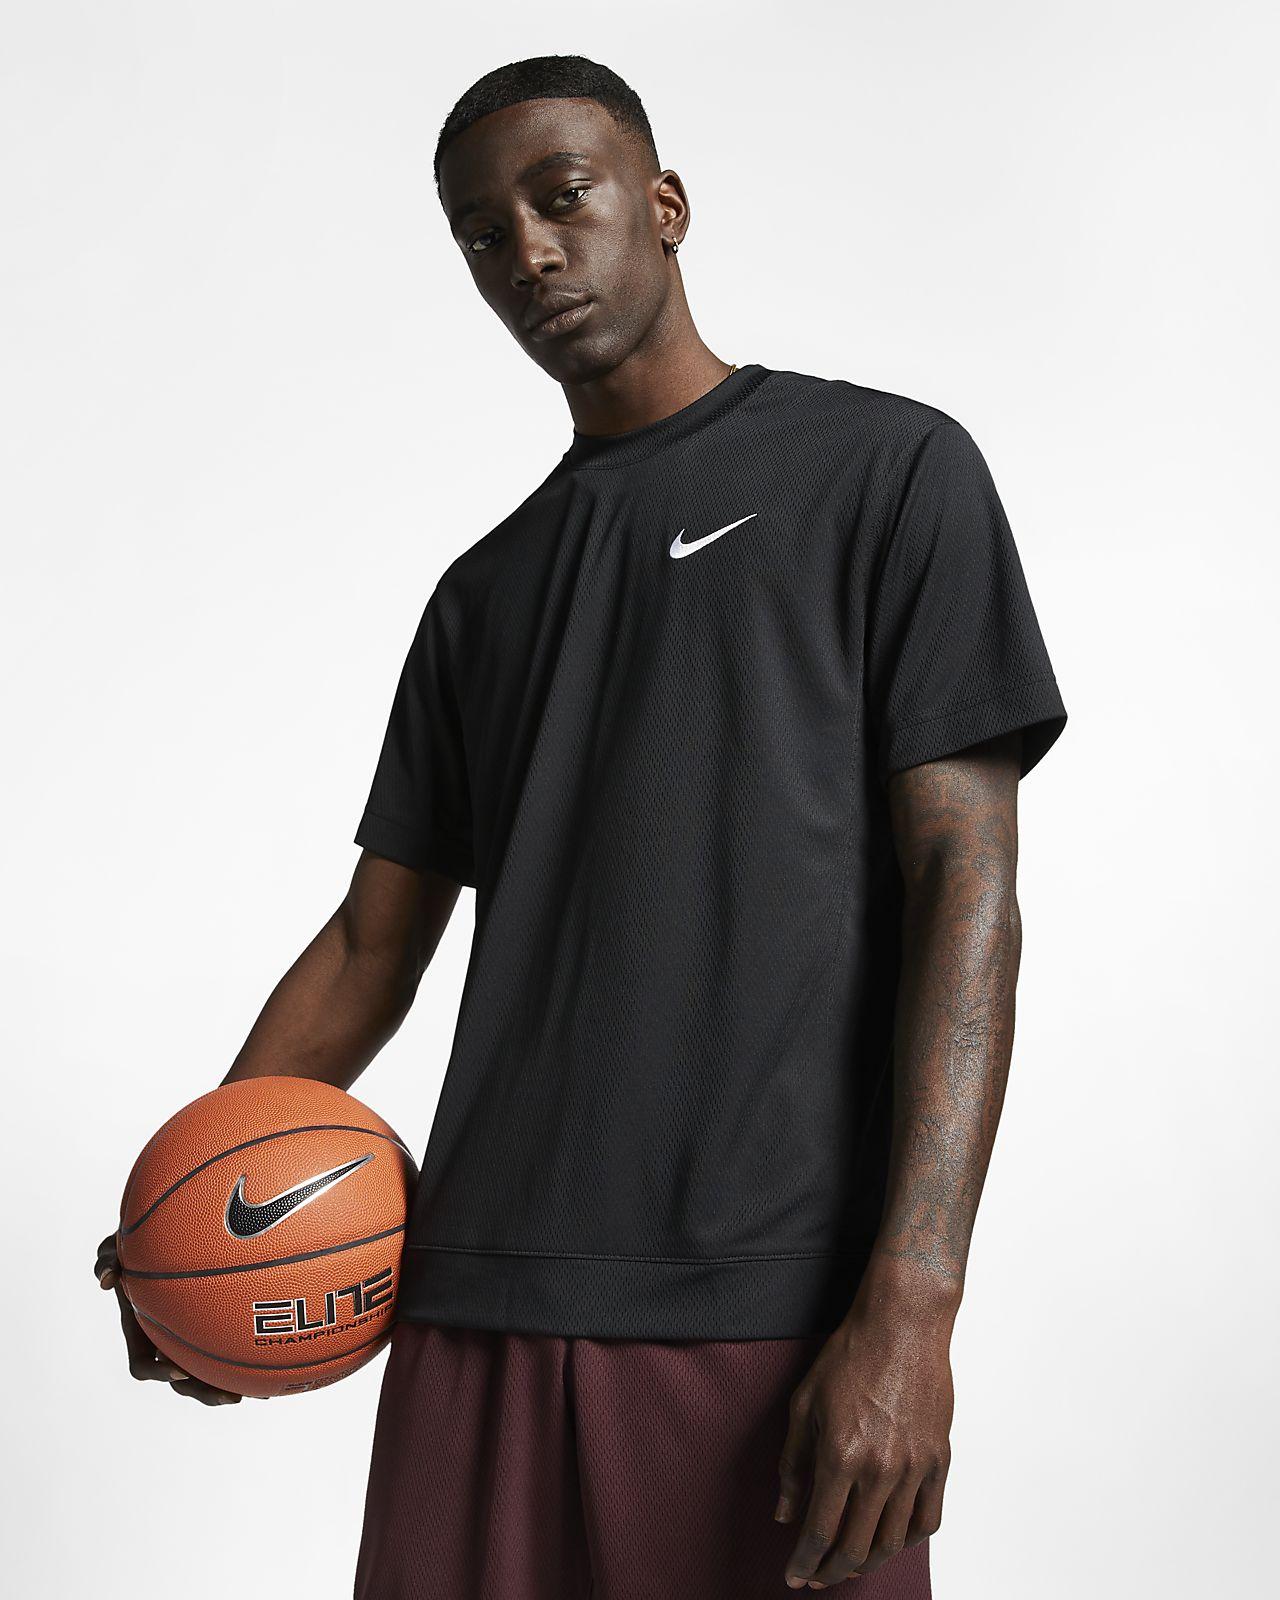 ナイキ Dri-FIT クラシック メンズ ショートスリーブ バスケットボールトップ